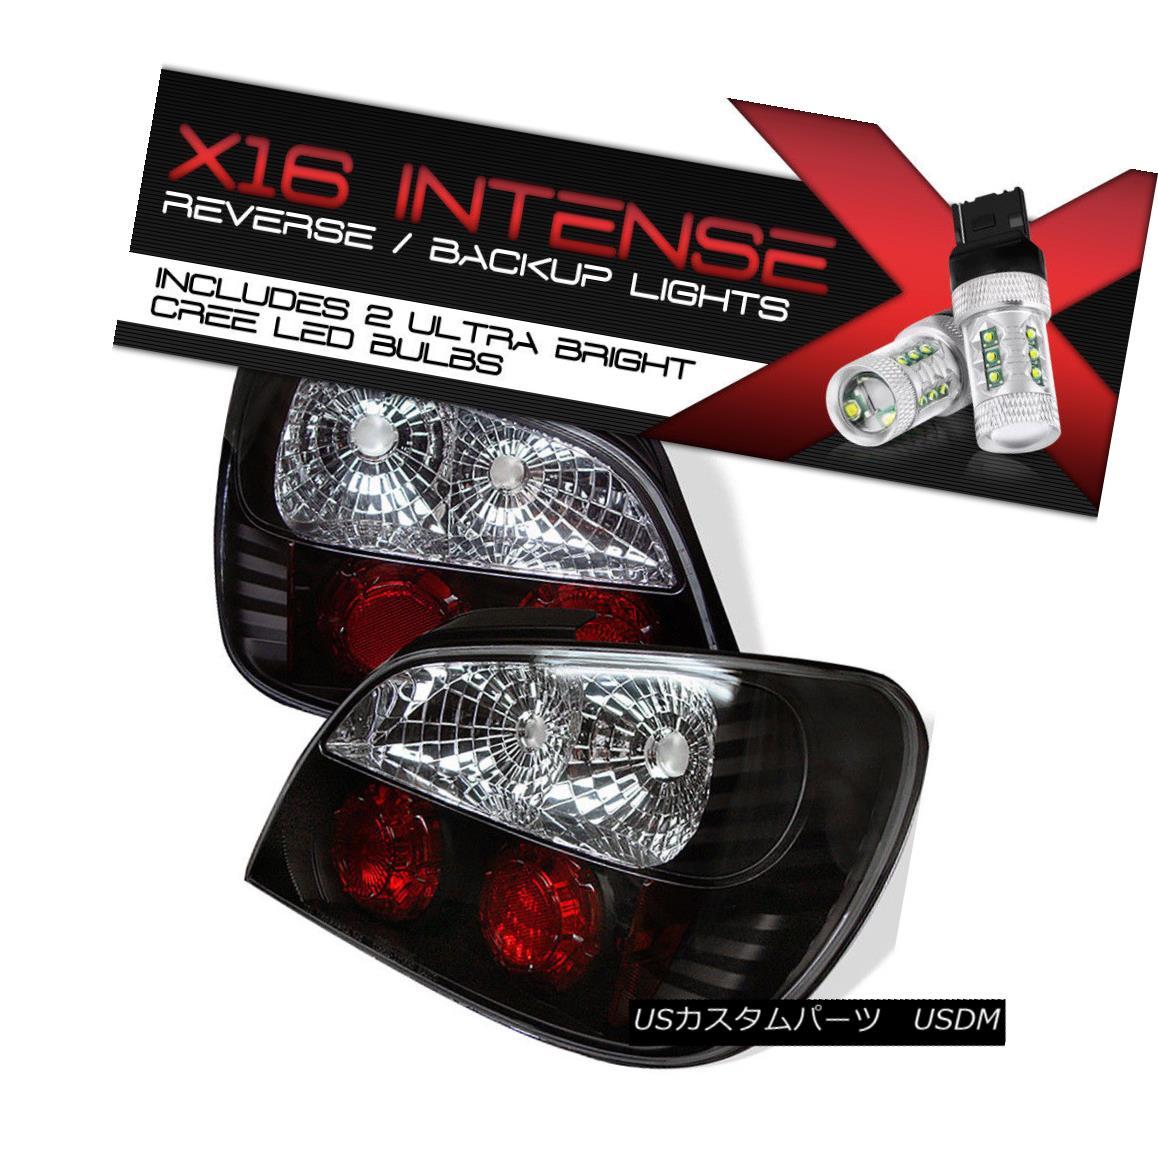 テールライト {CREE LED BACKUP} Fits 02-03 Subaru Impreza 2.5RS Altezza Tail Light Brake Lamp {クリーLEDバックアップ} 02-03スバルインプレッサ2.5RS適合Altezzaテールライトブレーキランプ